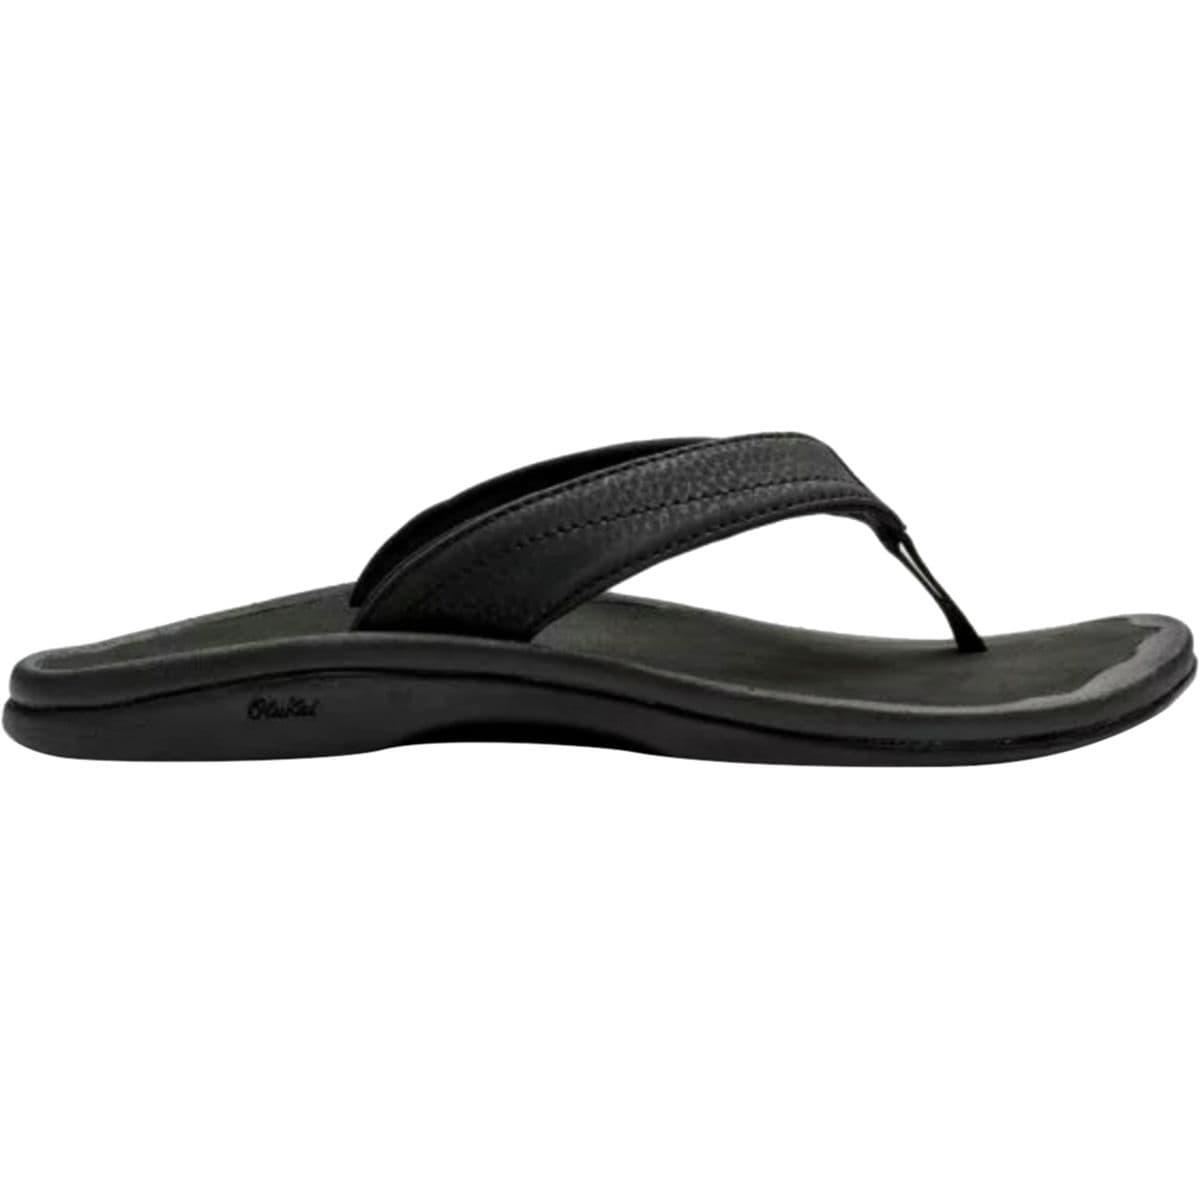 Olukai 'Ohana Flip Flop - Women's